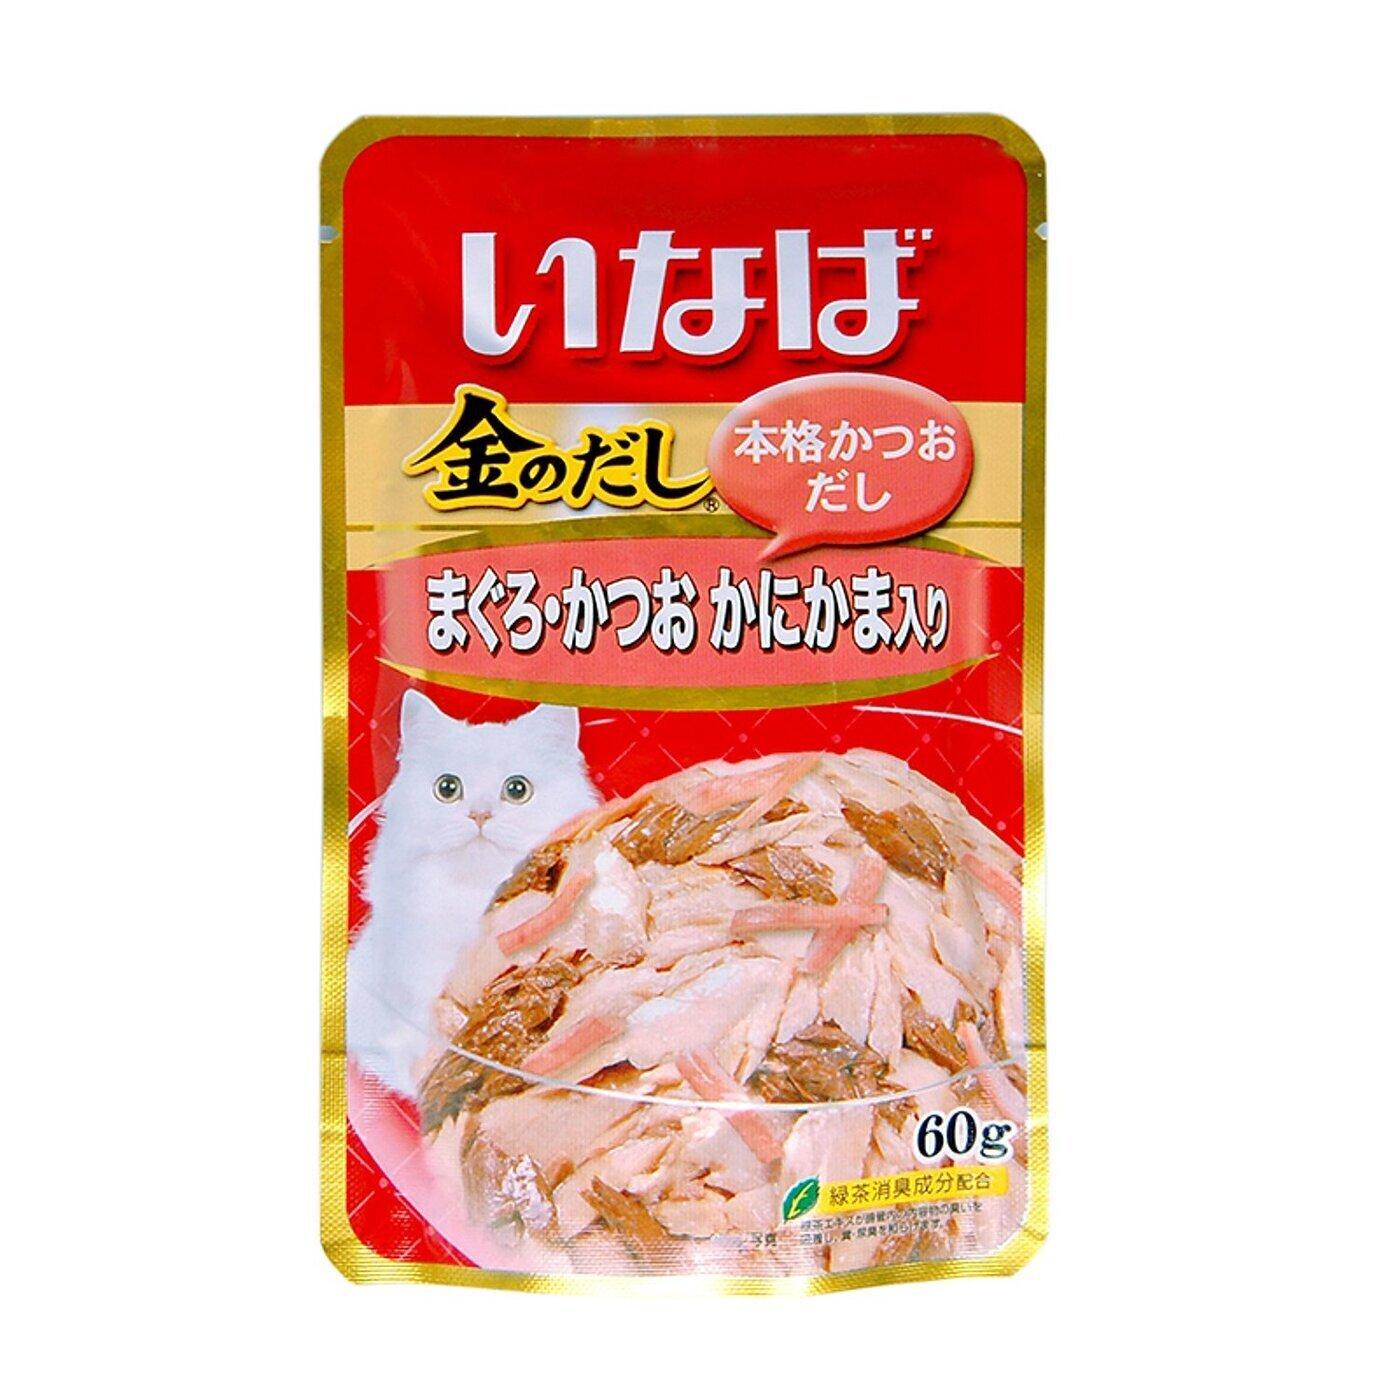 CIAO влажный корм для кошек, японский тунец бонито и камчатский краб 60 гр